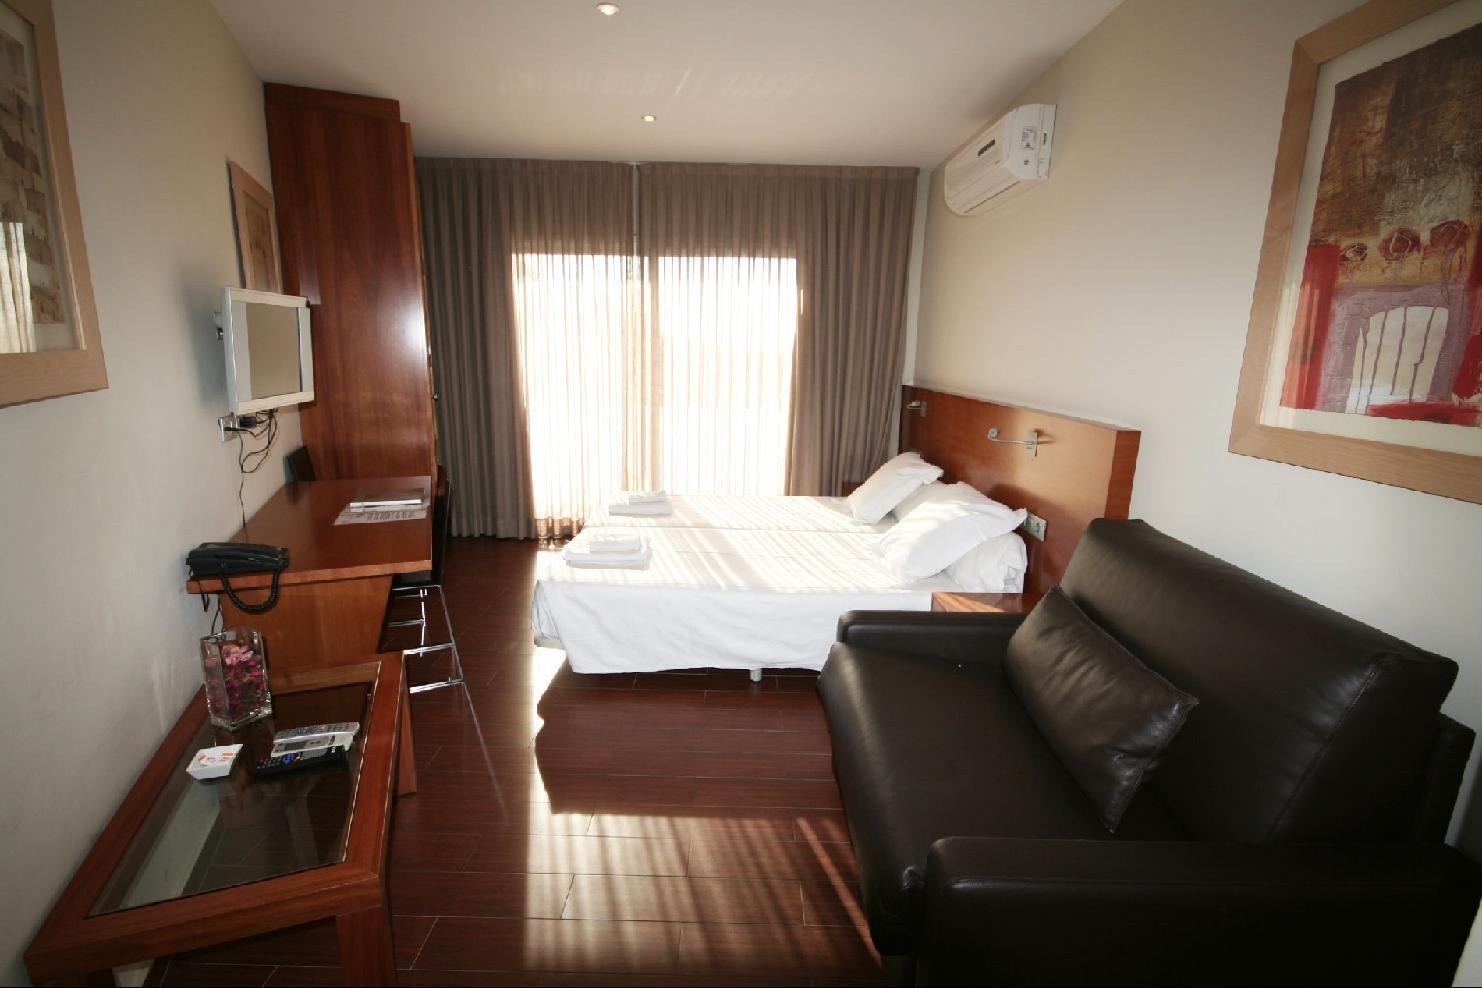 MADANIS APARTAMENTOS TURISTICOS - Hotel cerca del Camp Nou